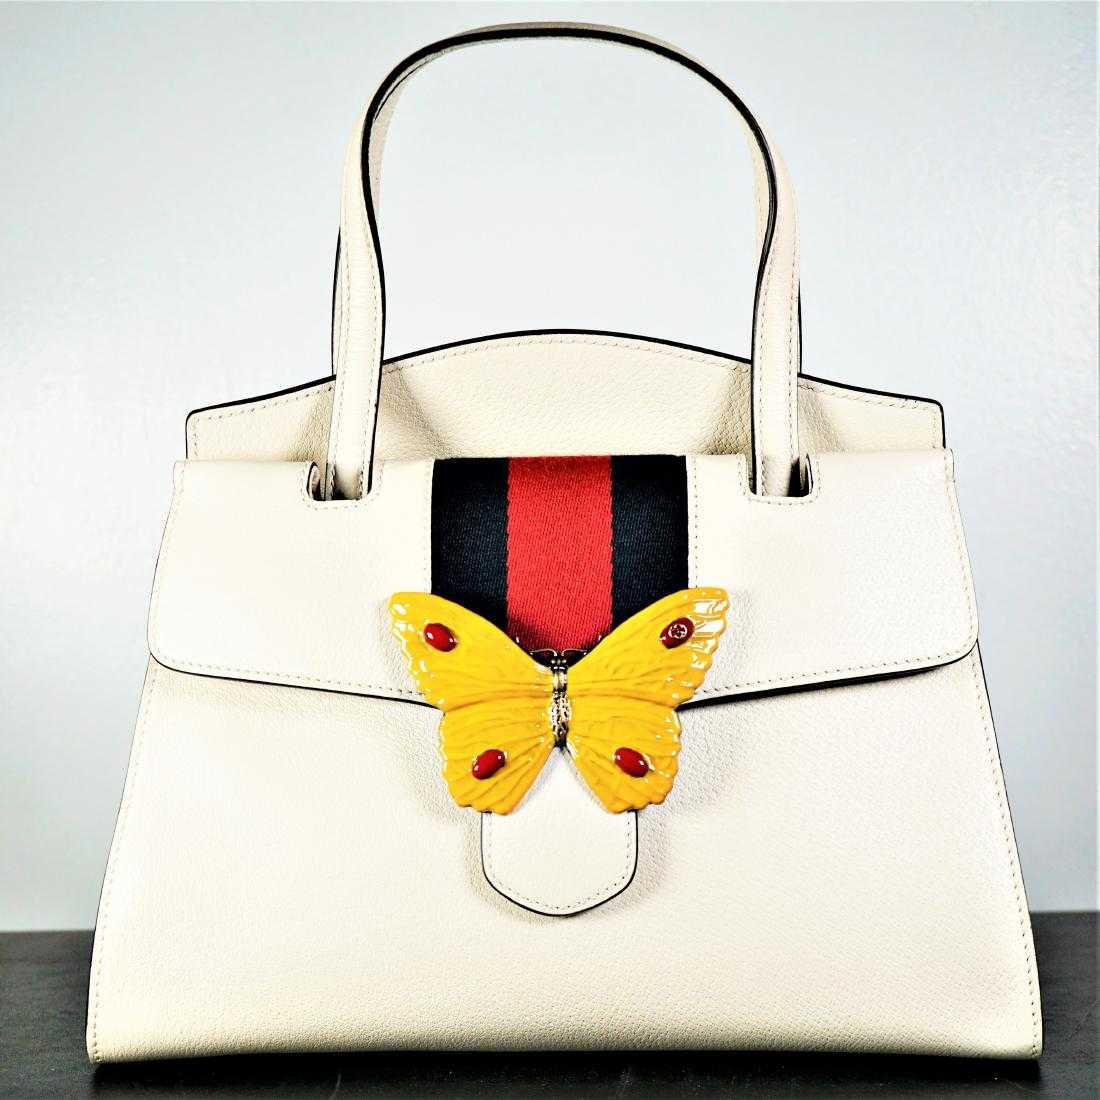 85a735a3994 GUCCI Linea Totem Medium Top Handle Bag